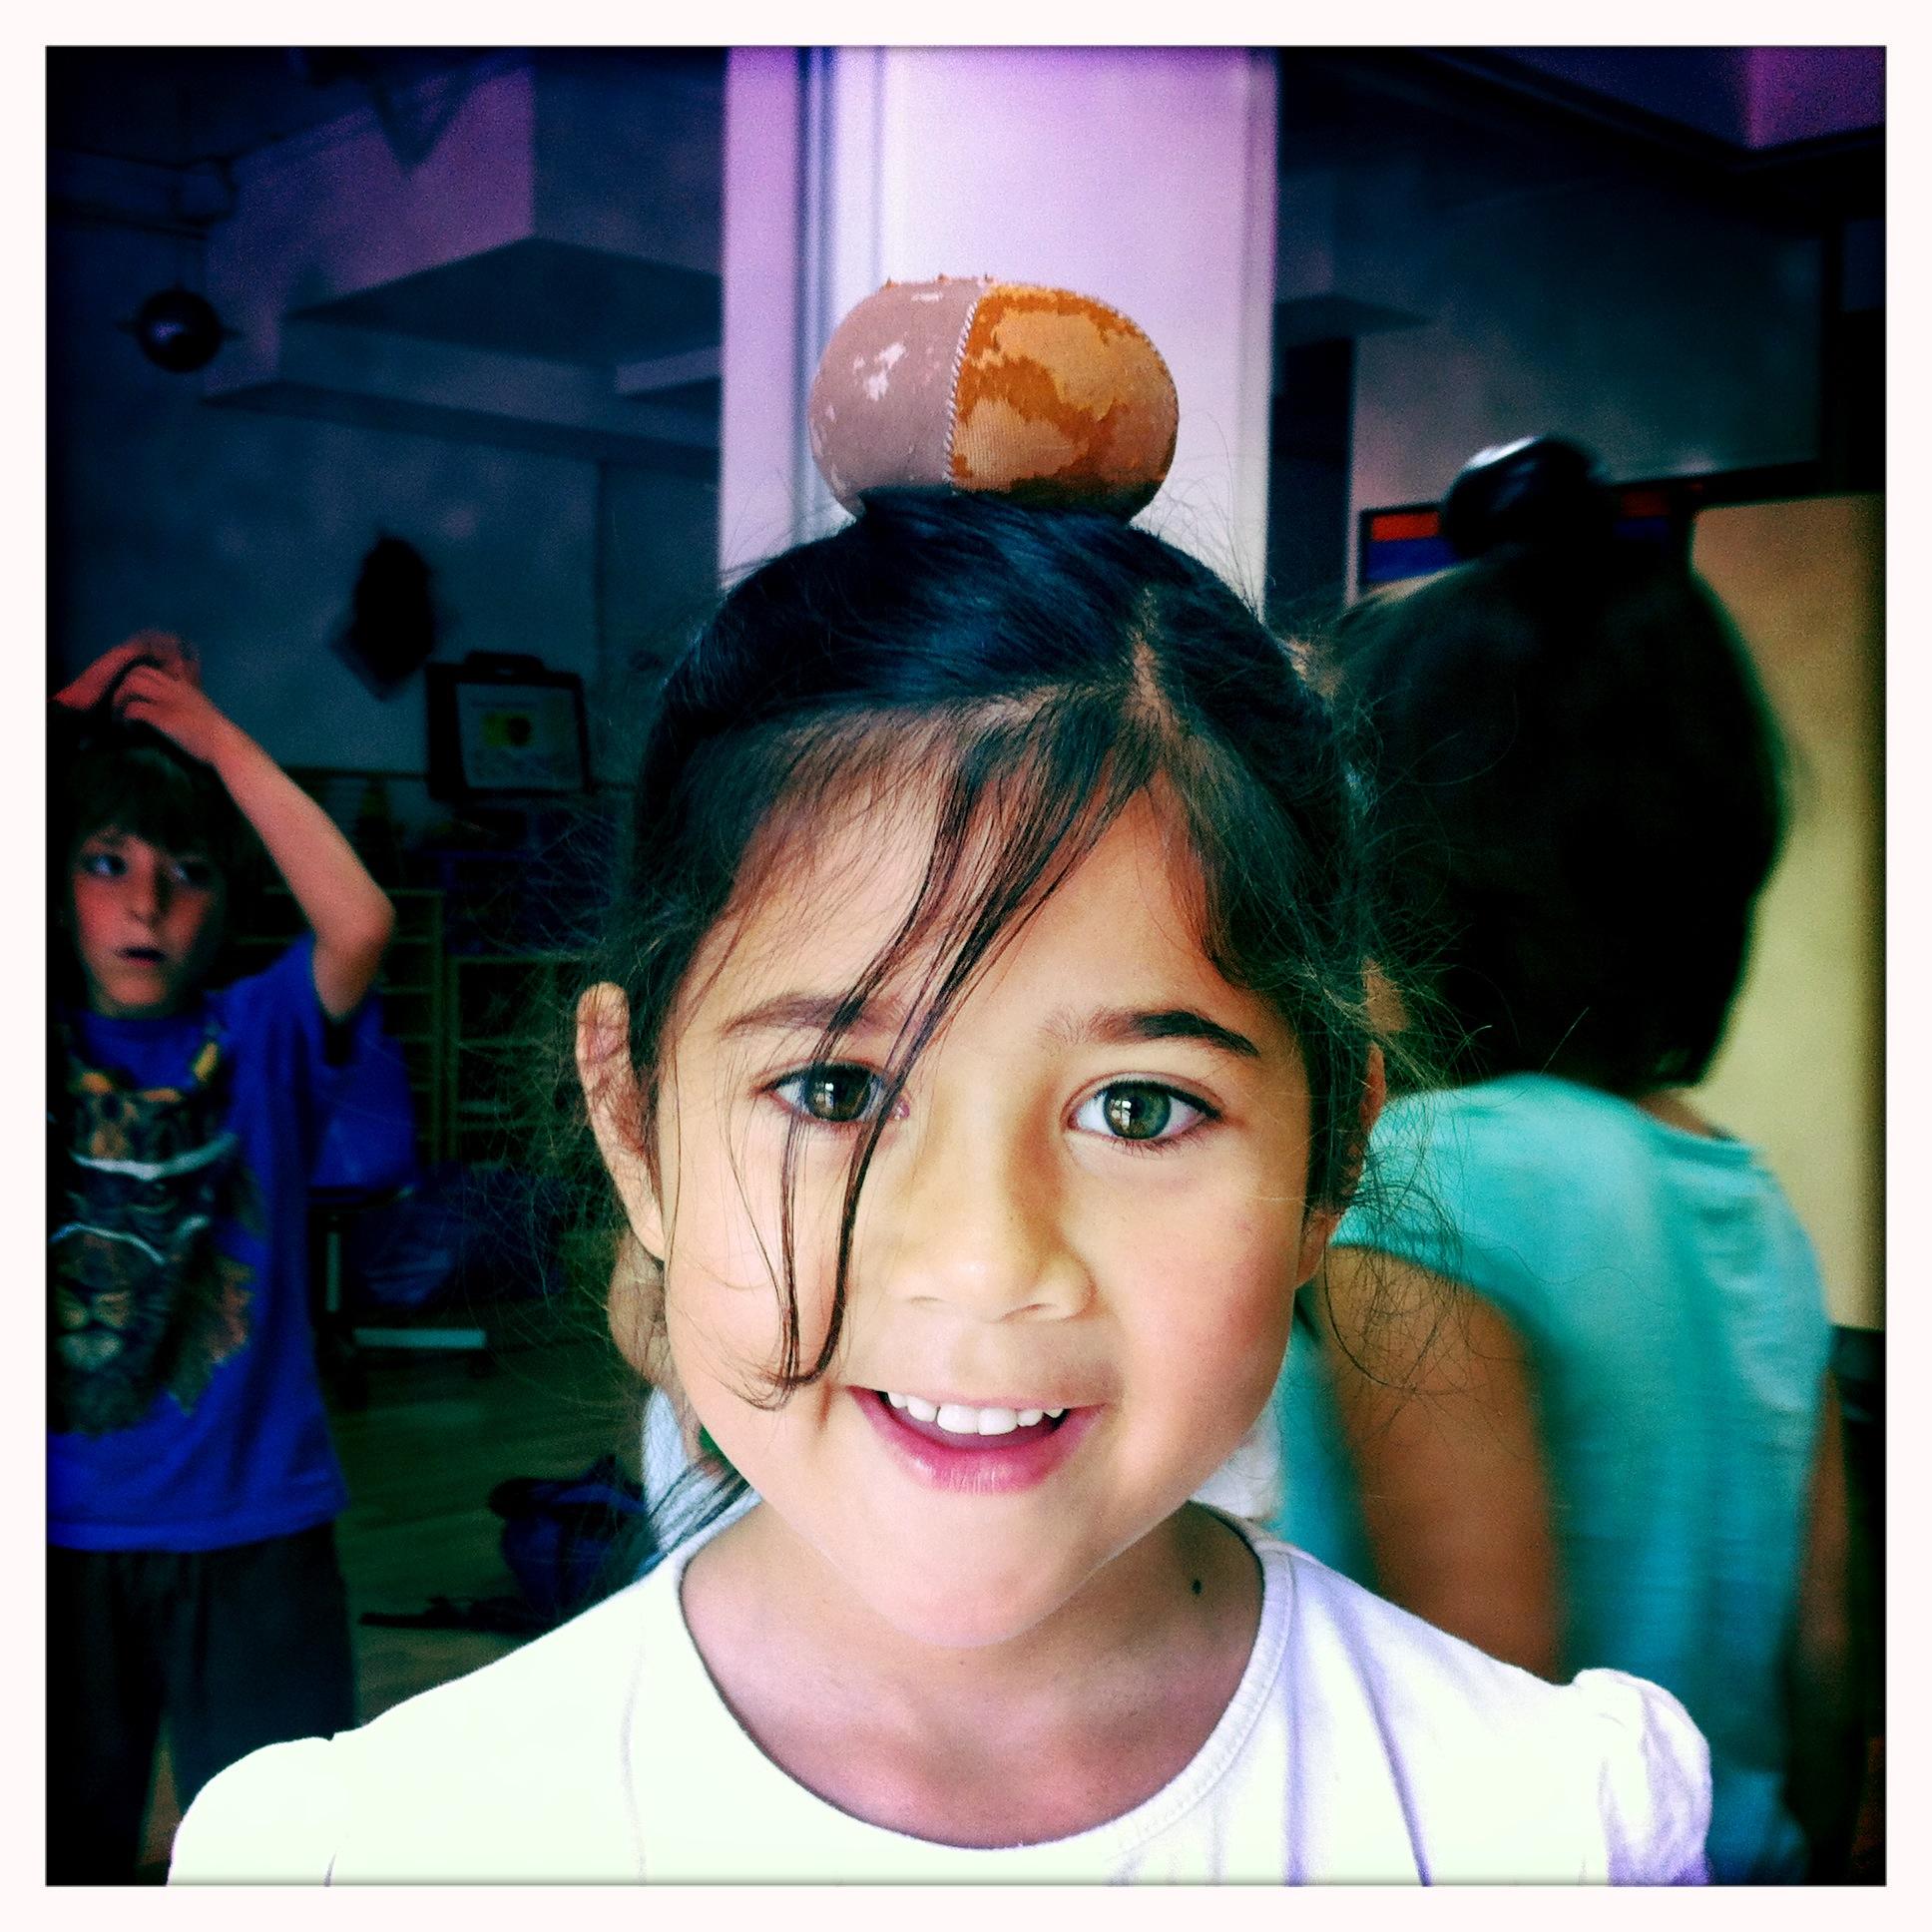 La Eimi amb una bola de pell fent equilibris!